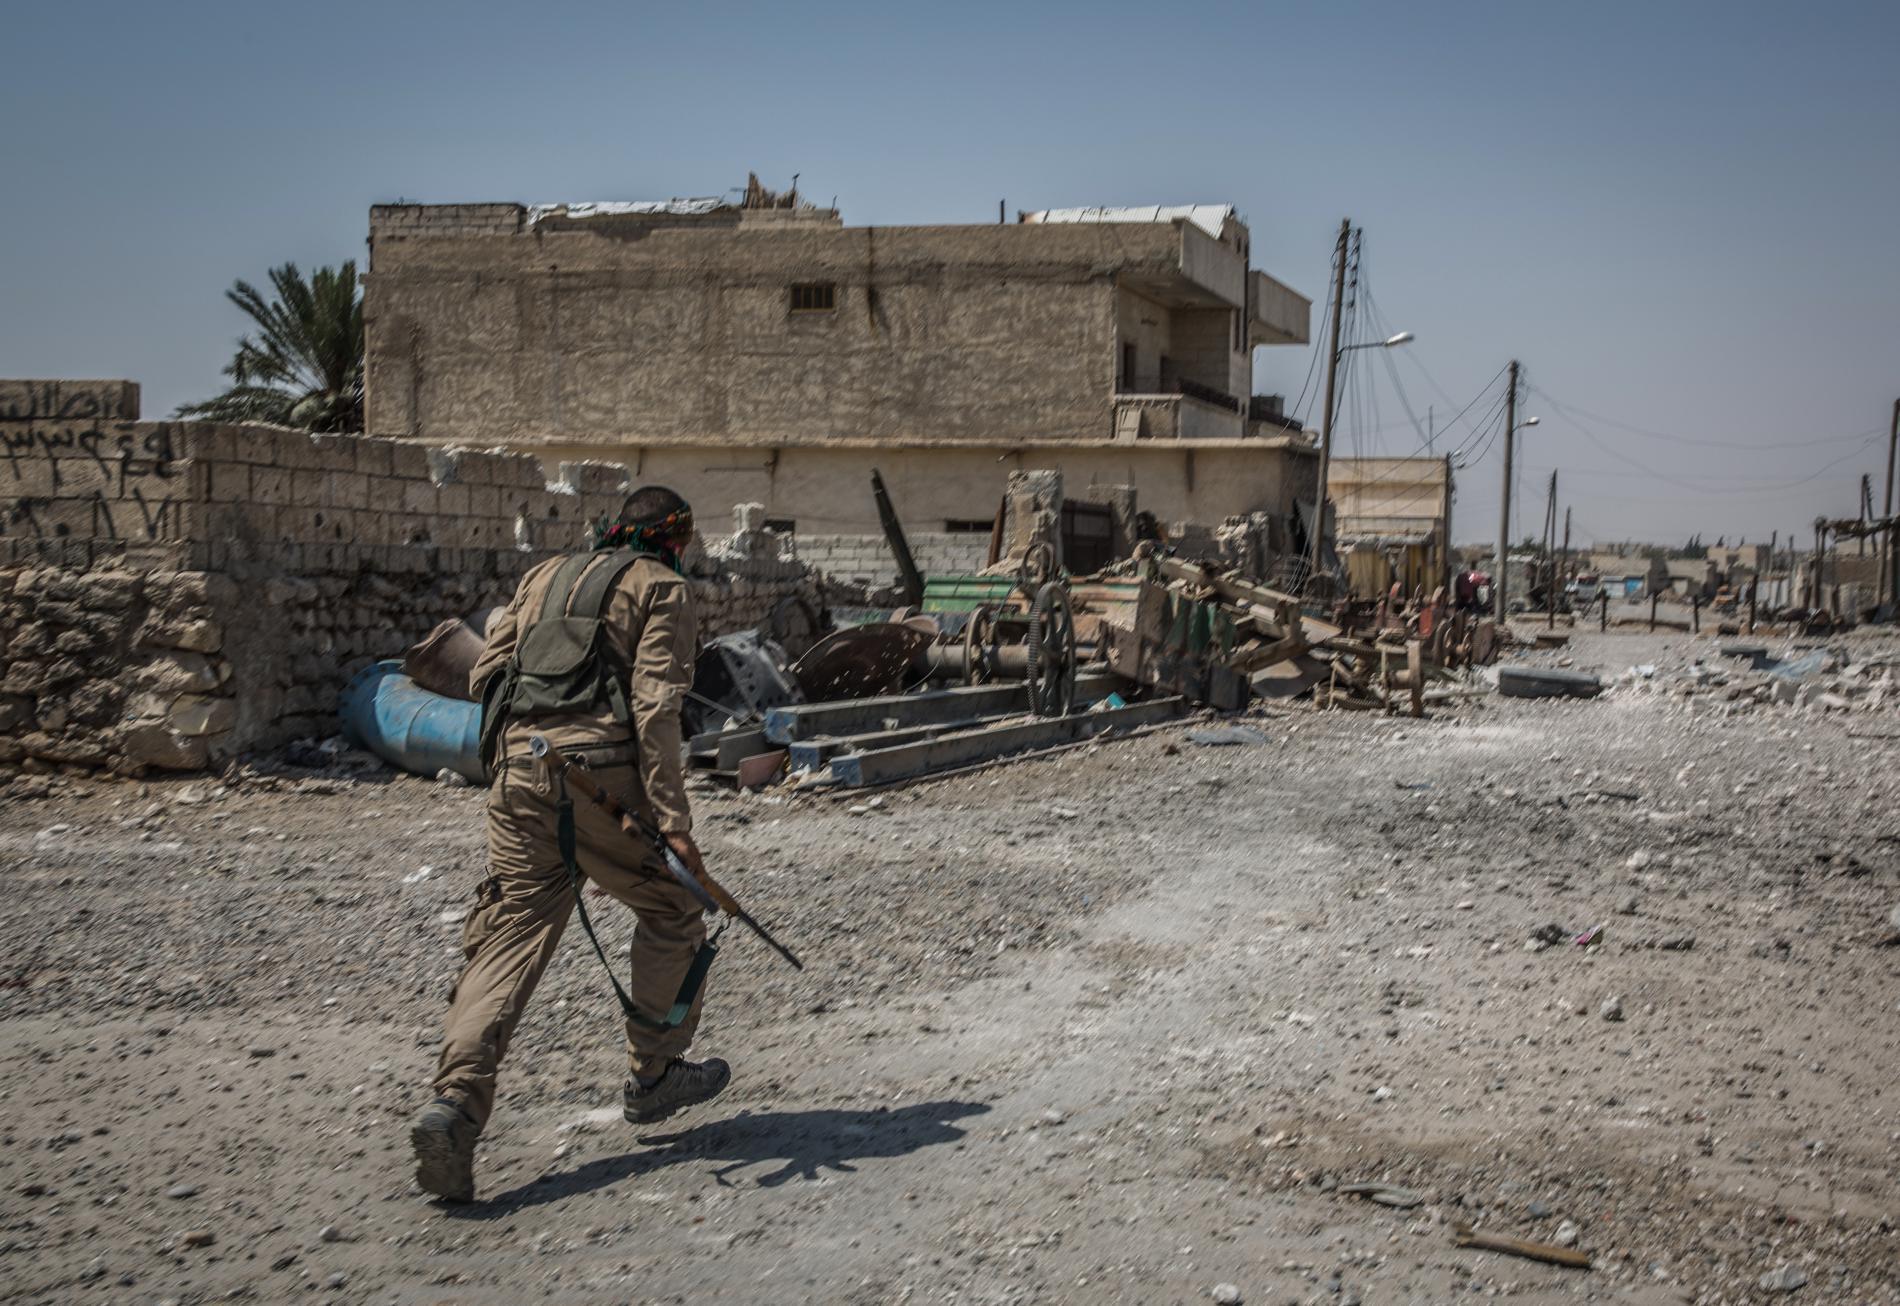 Un soldat des Forces démocratiques syriennes court dans une rue du quartier d\'Al-Sinaa, à Raqqa (Syrie) pour tenter d\'échapper à d\'éventuels tirs de snipers.